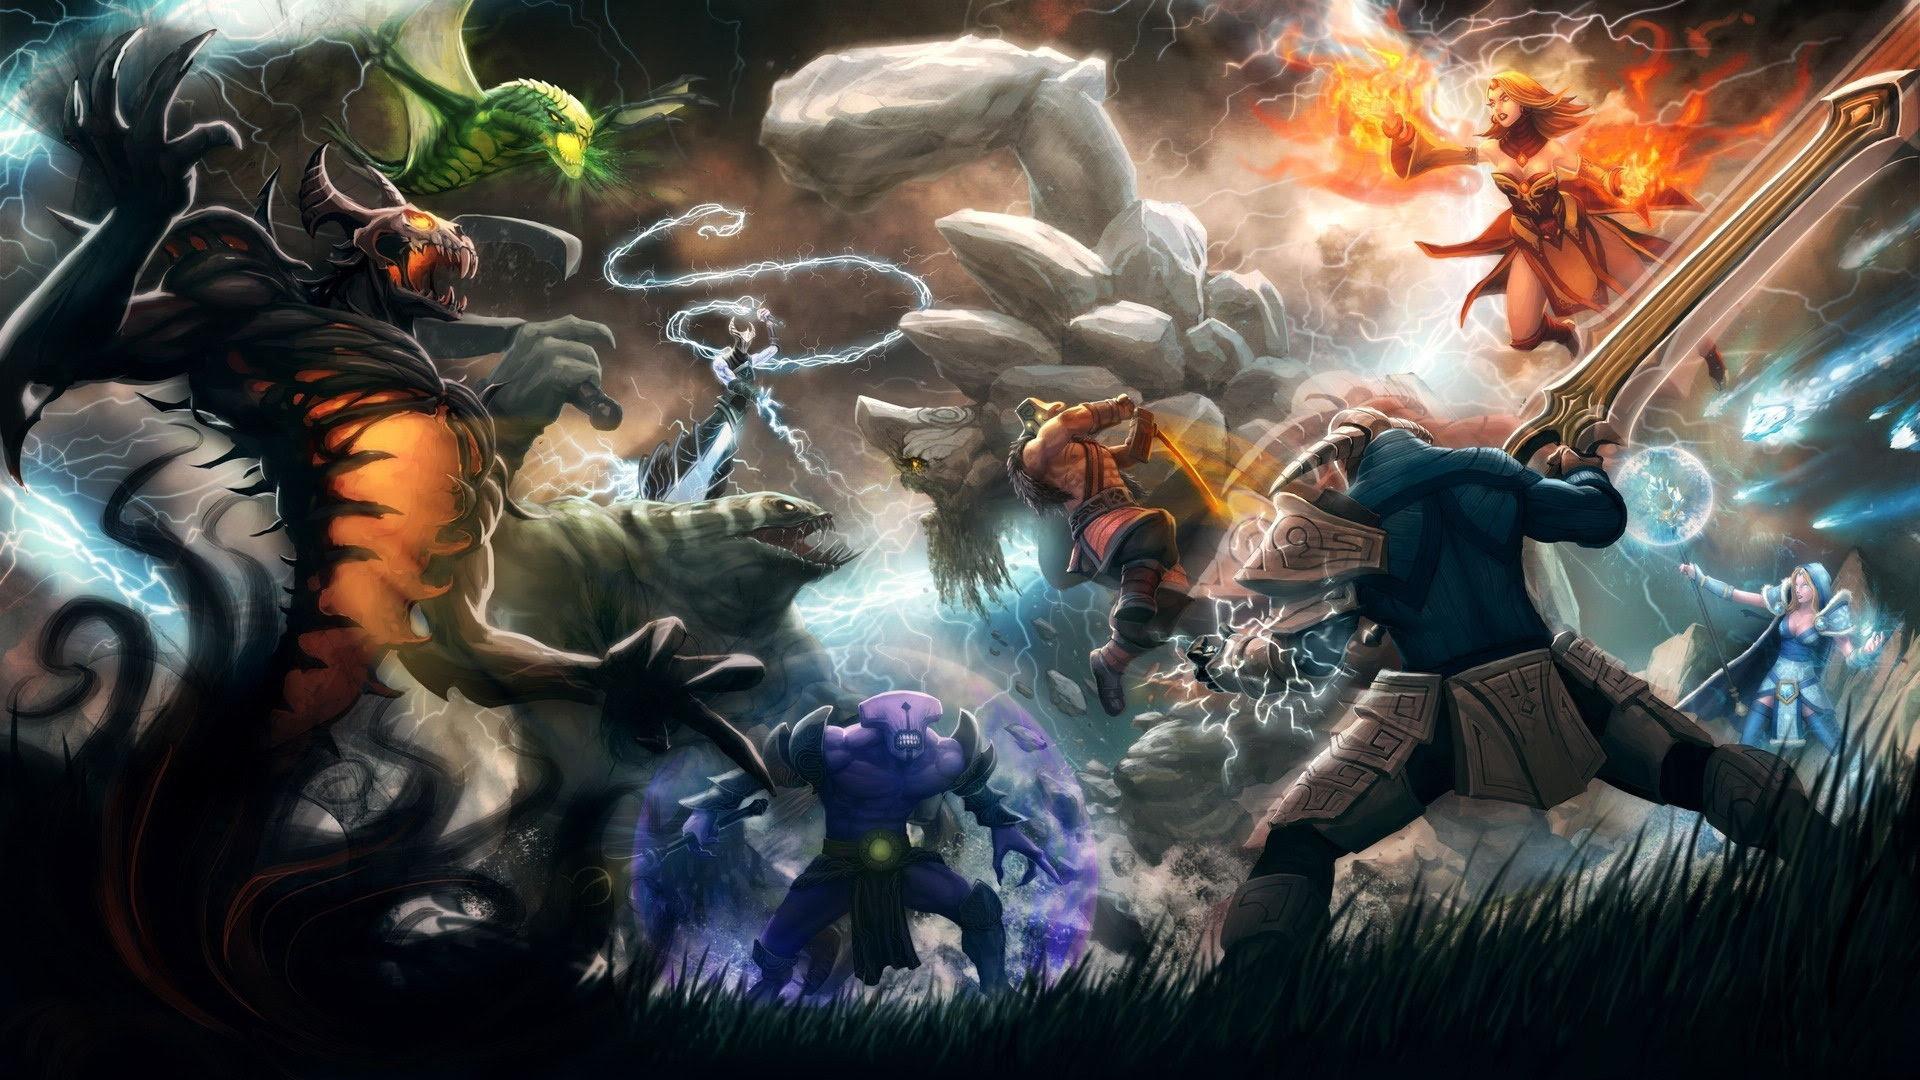 Download 740 Wallpaper Hd Game Gratis Terbaru